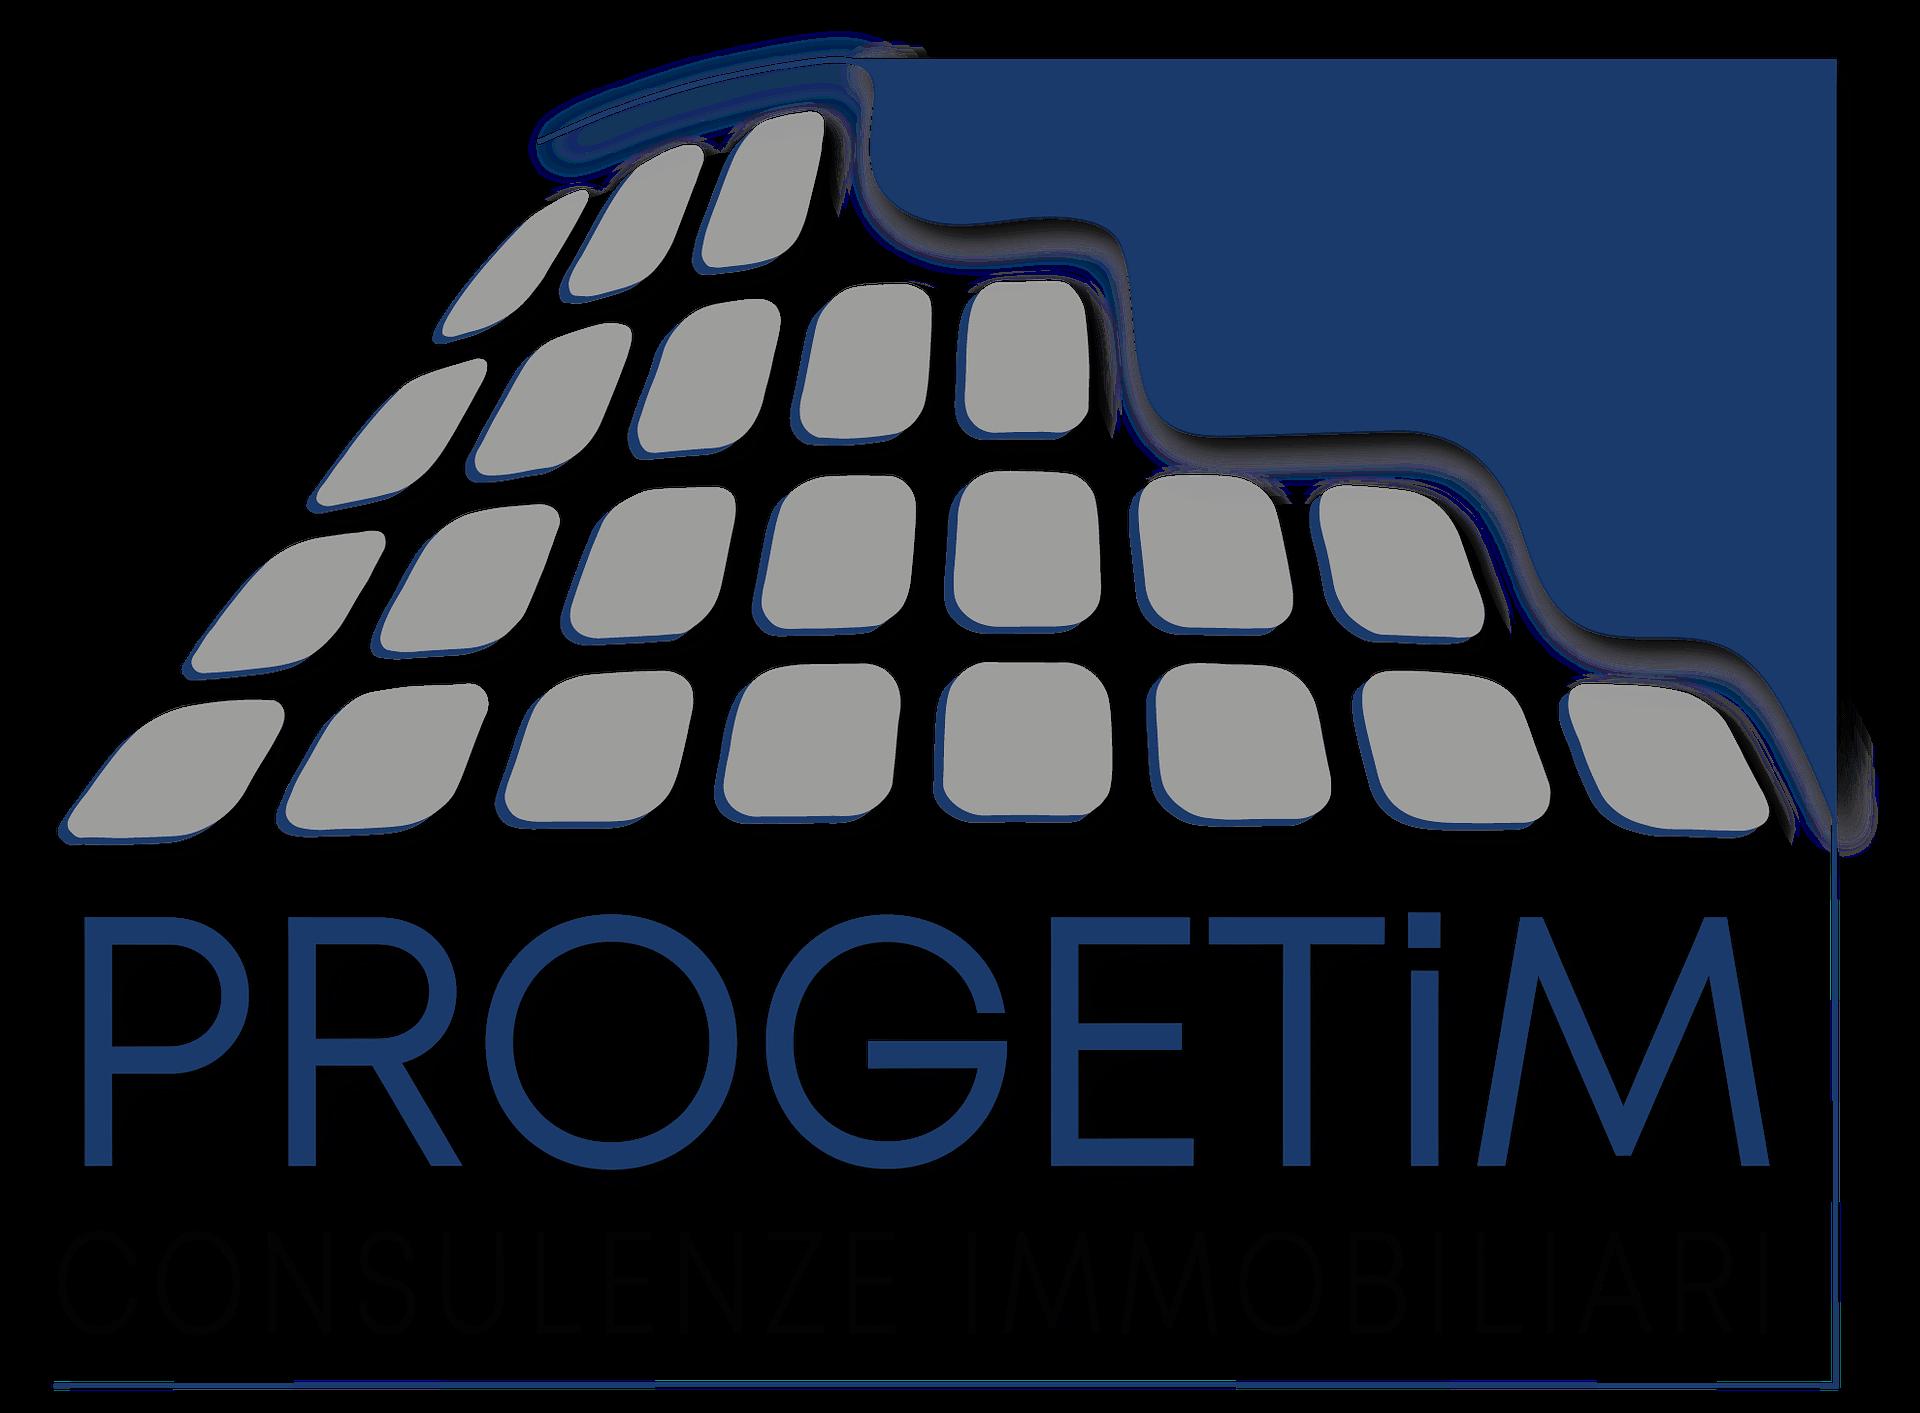 Logo Progetim Consulenze Immobiliari di Colarossi Fabrizio